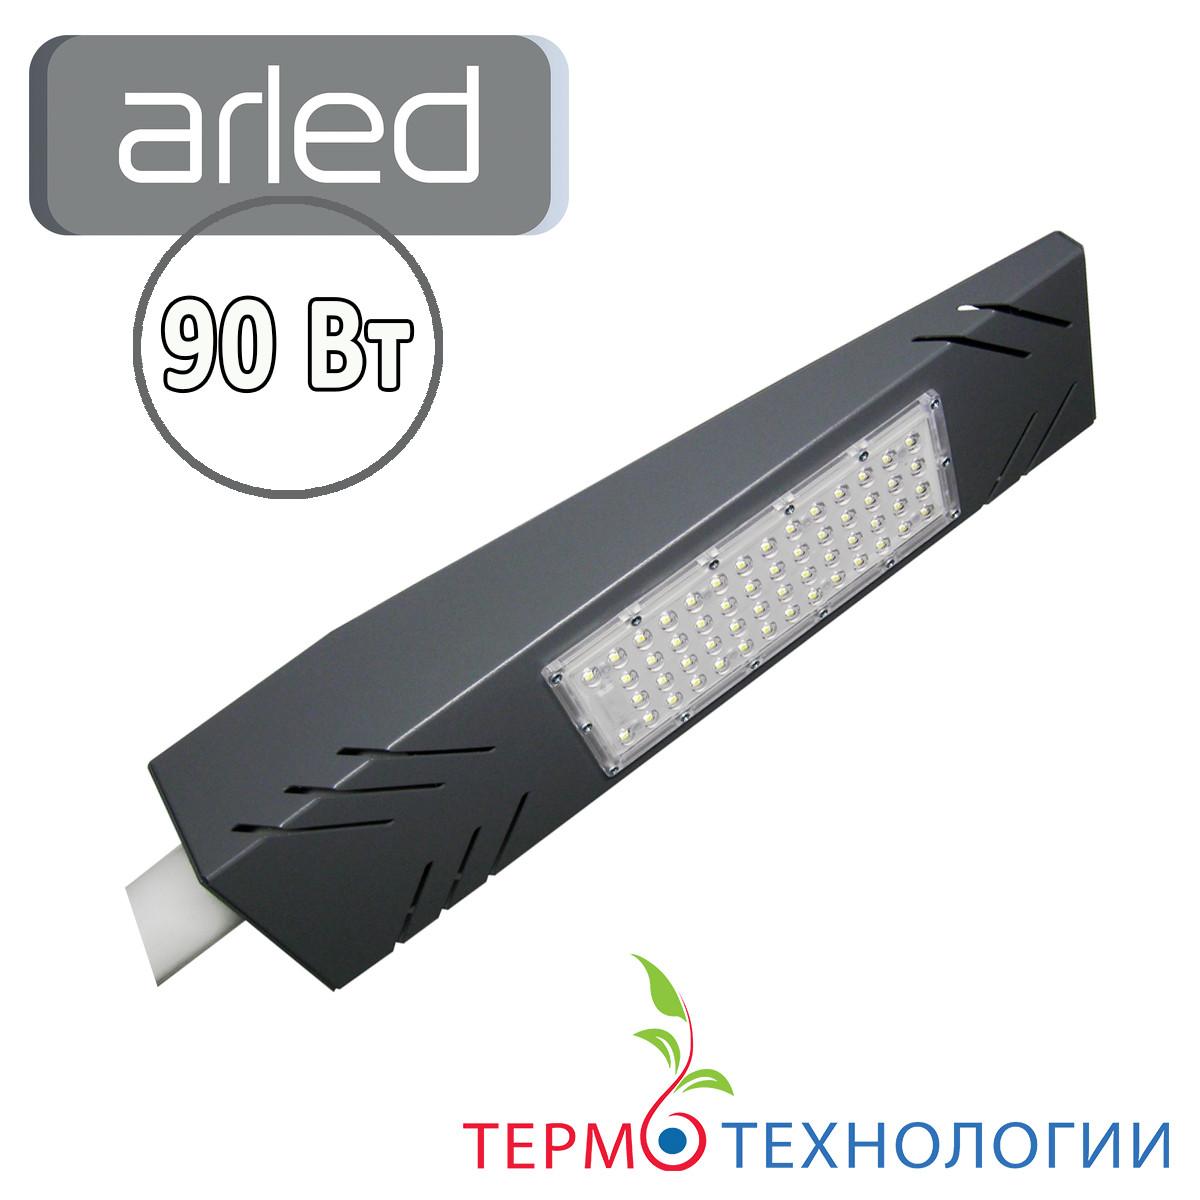 Светодиодный светильник LEDO 90 Вт